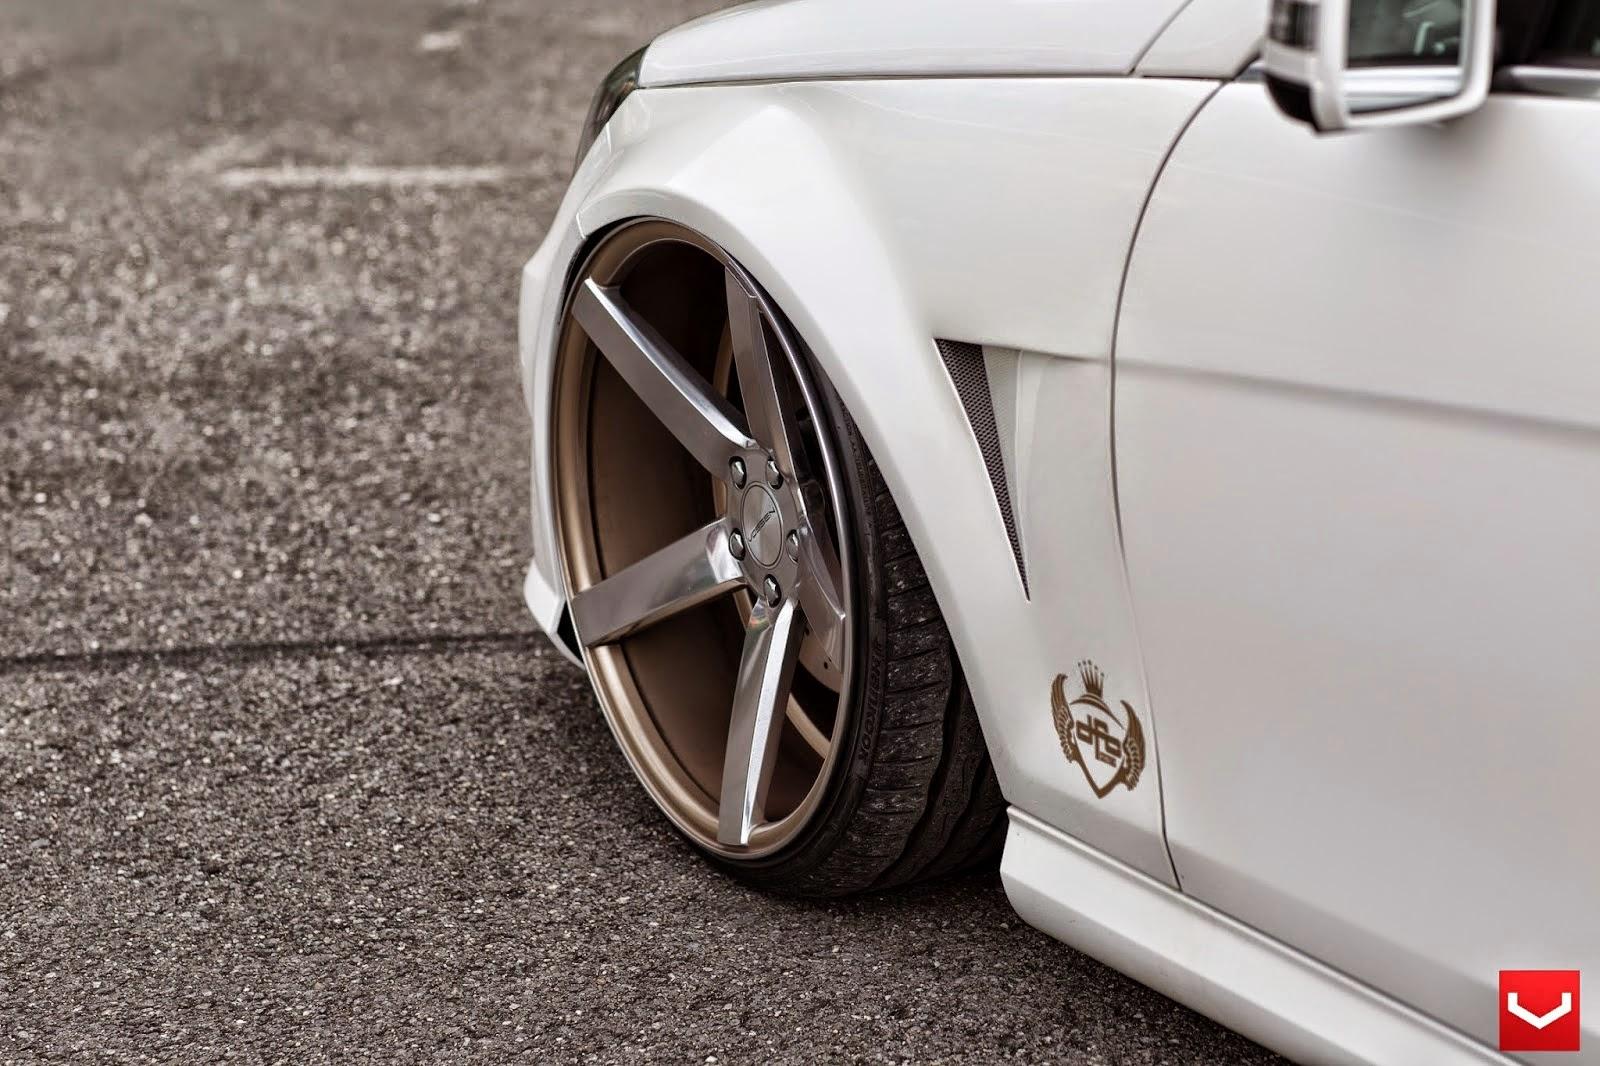 w204 wheels